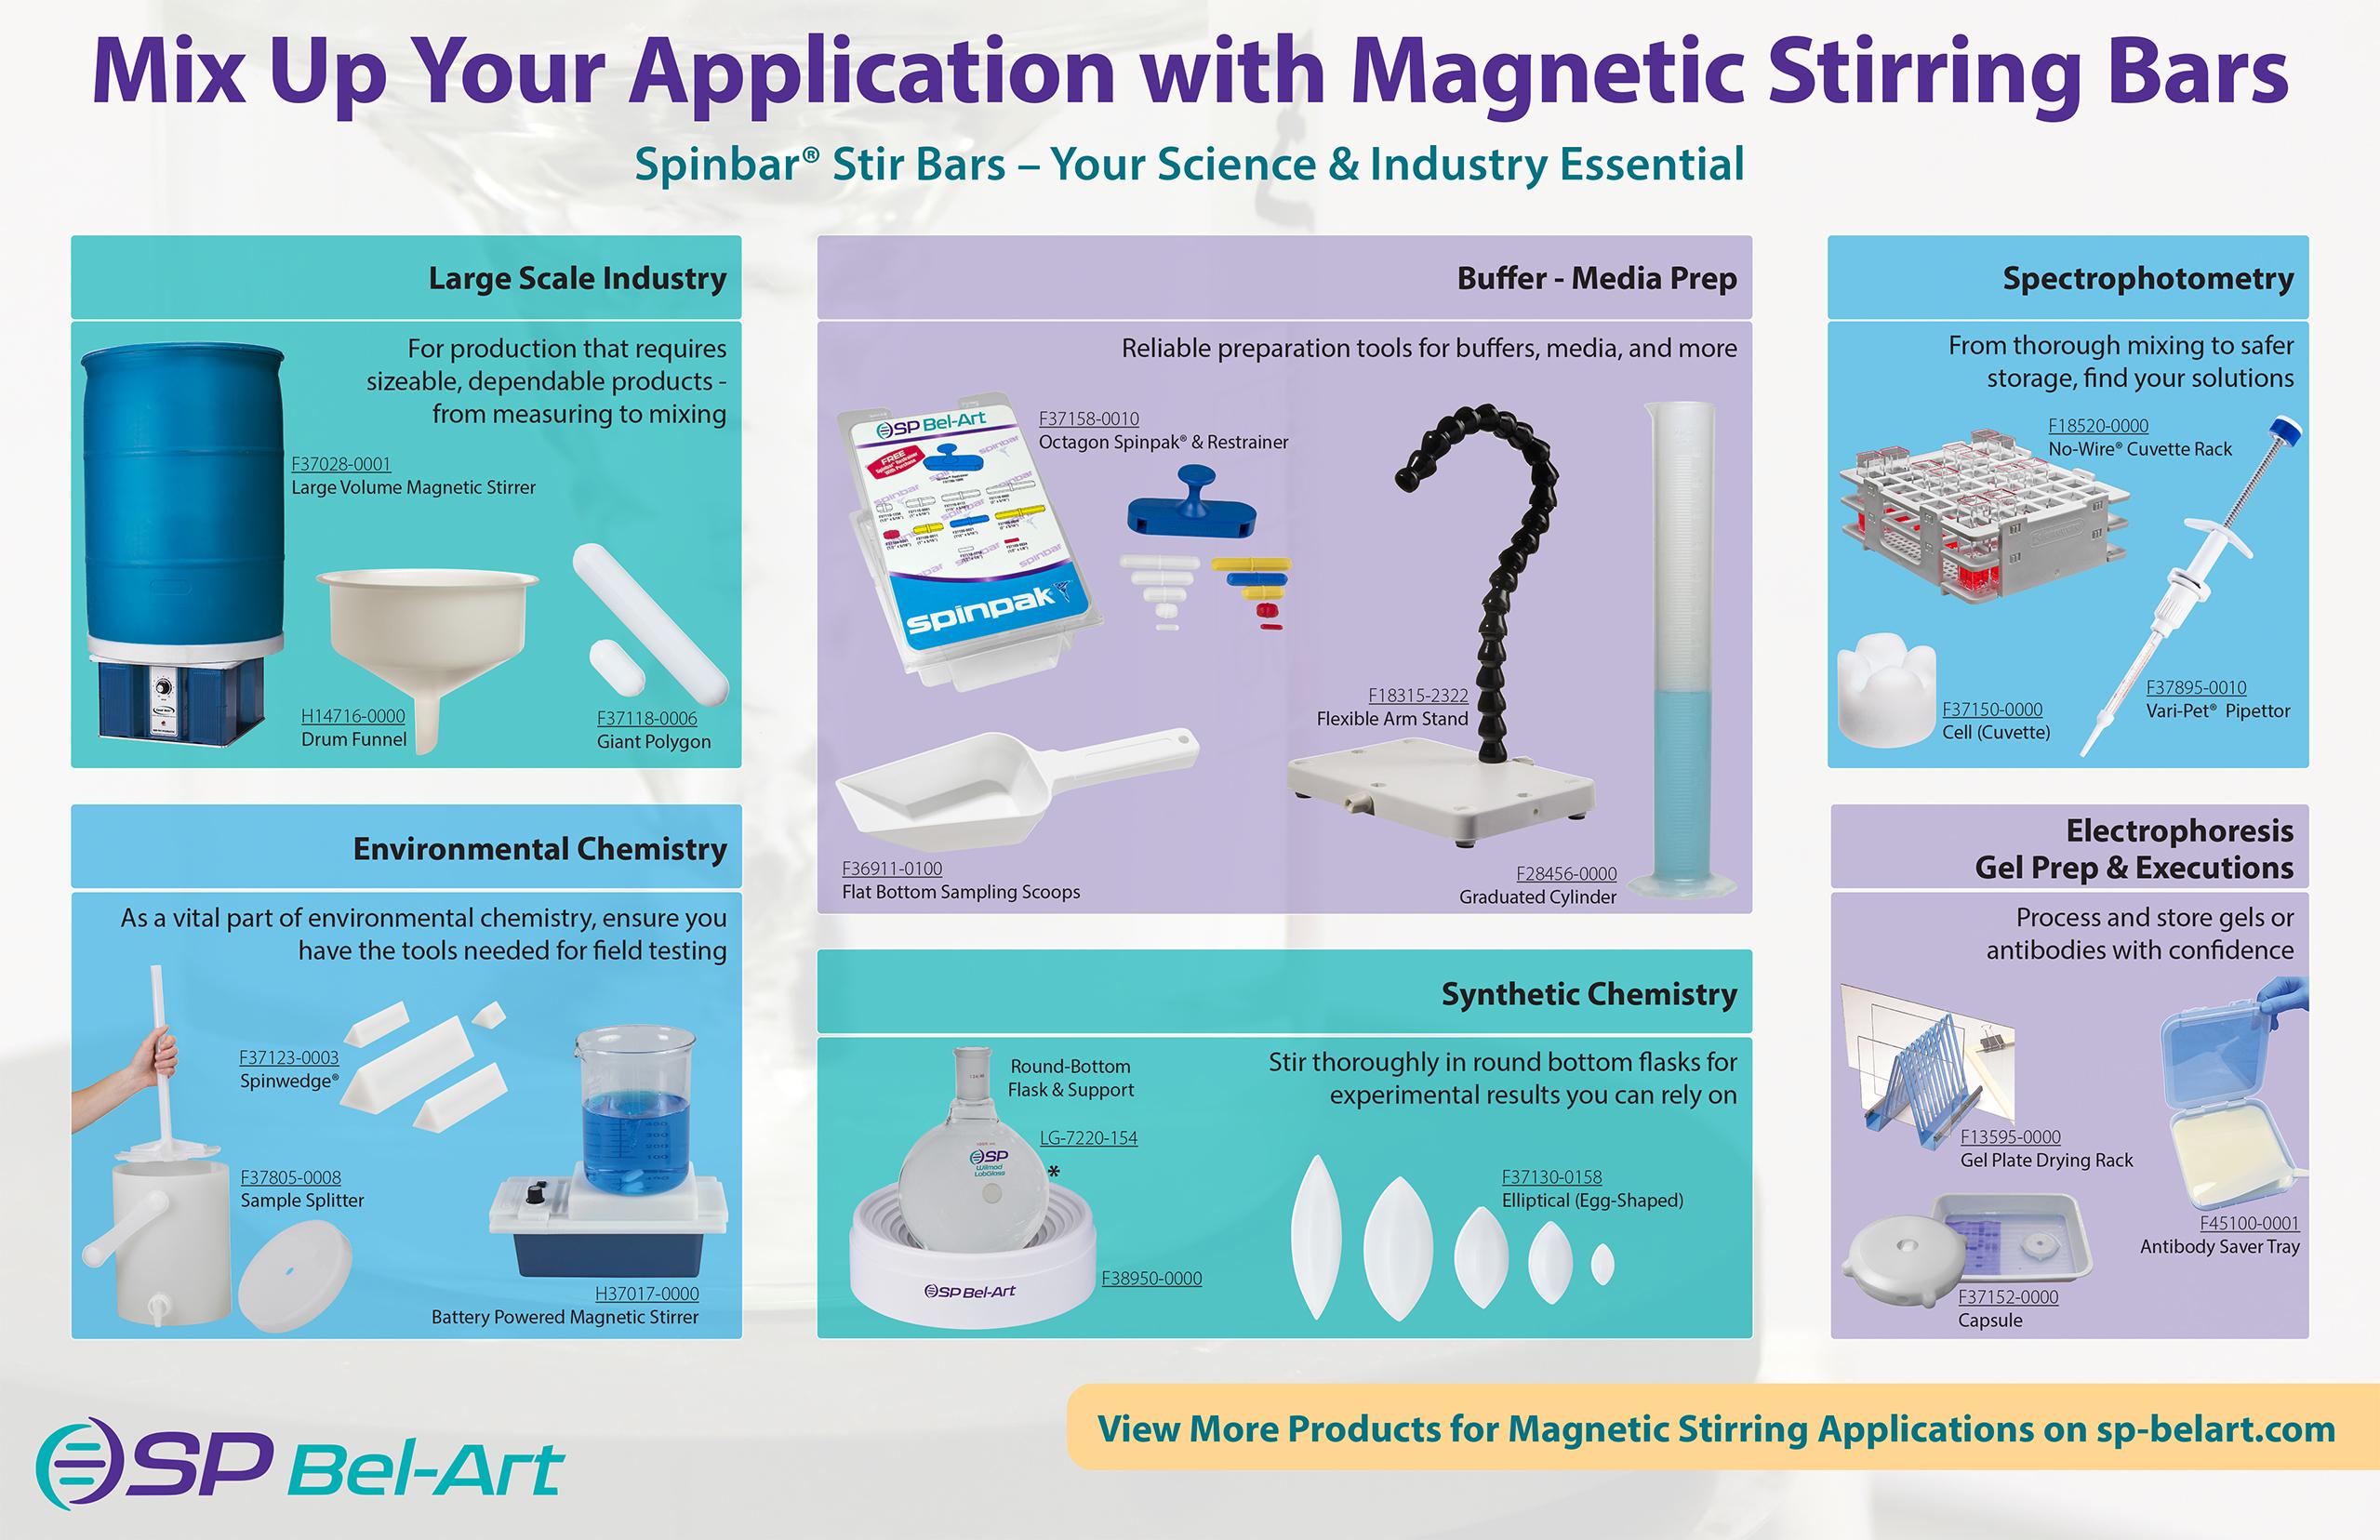 Image: Spinbar Magnetic Stirring Bars Workflow